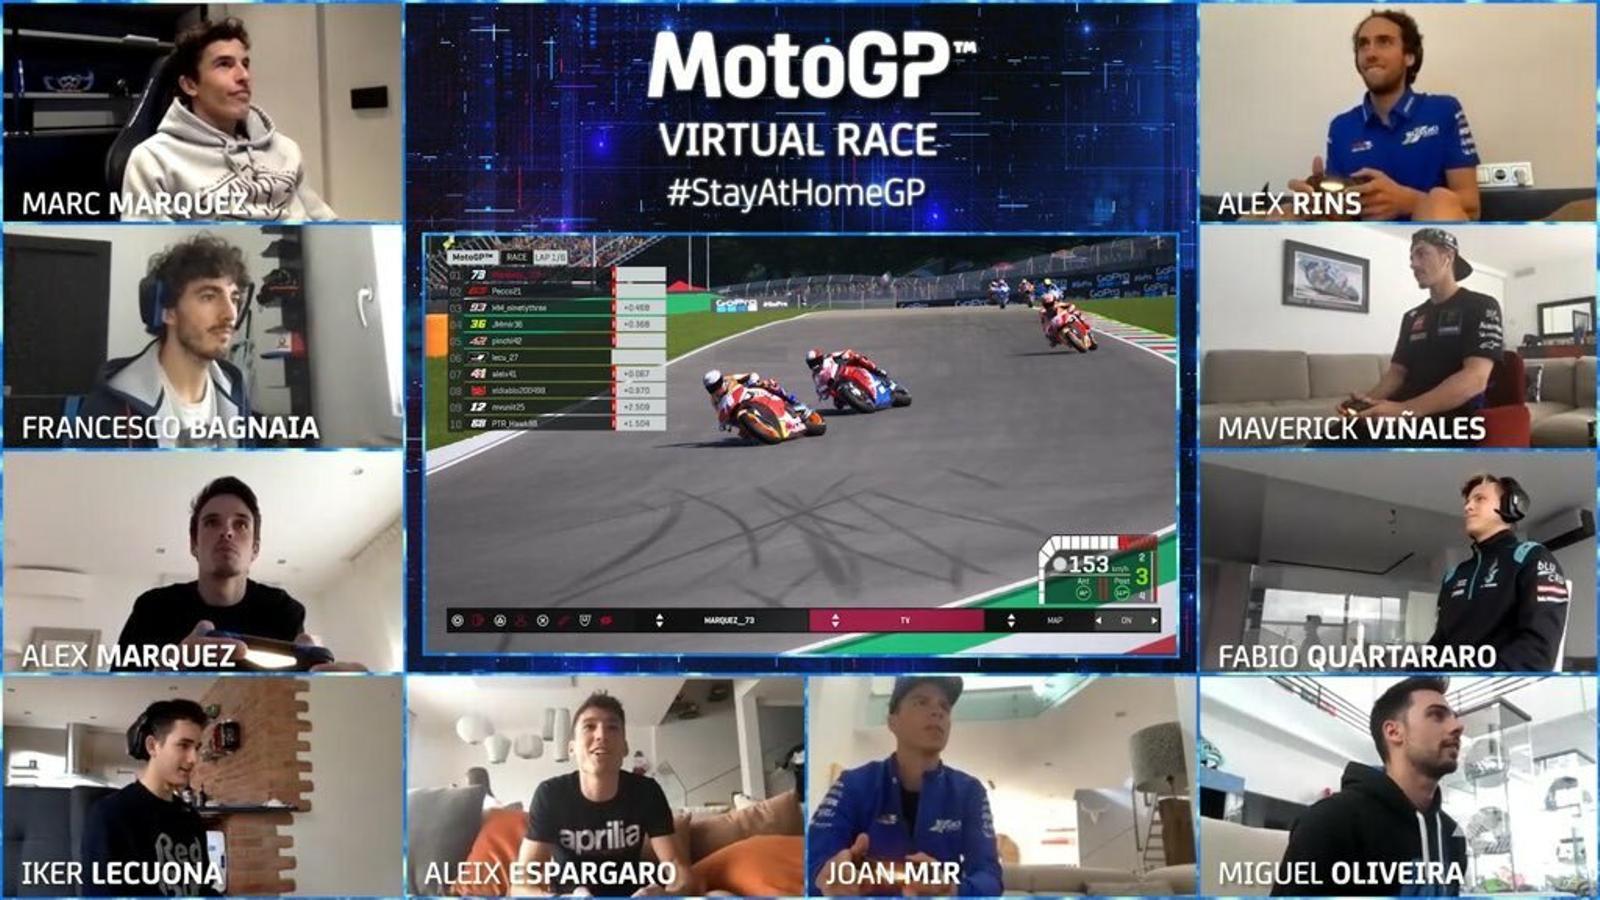 Pilots de MotoGP, durant una cursa virtual